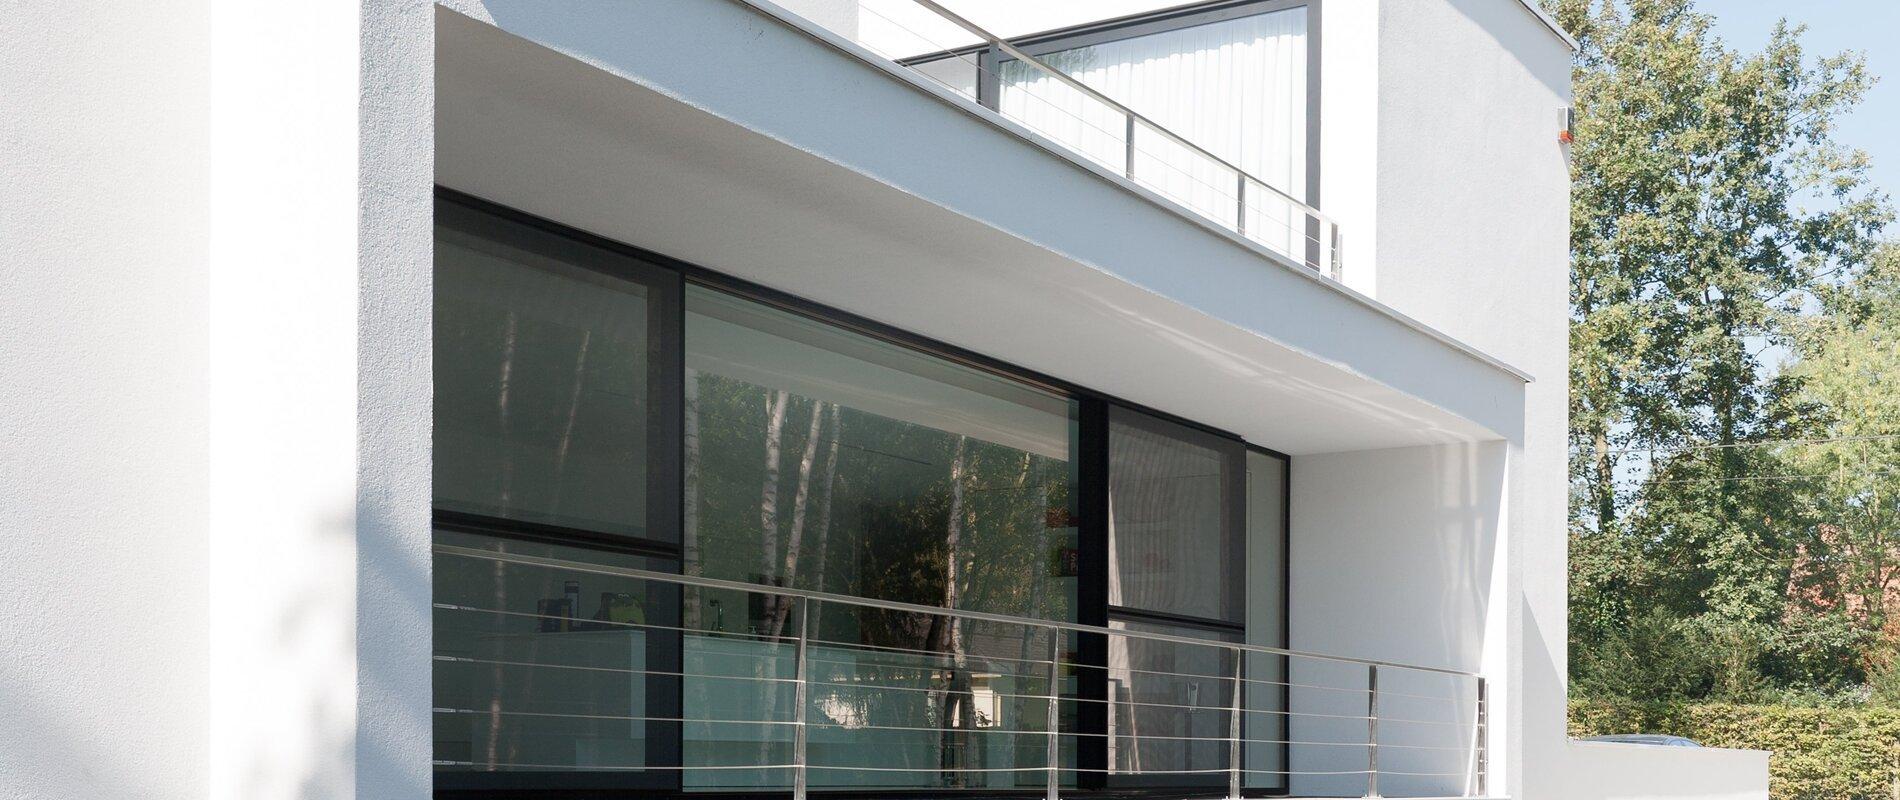 Prix portes coulissantes aluminium belisol - Prix d une porte coulissante scrigno ...